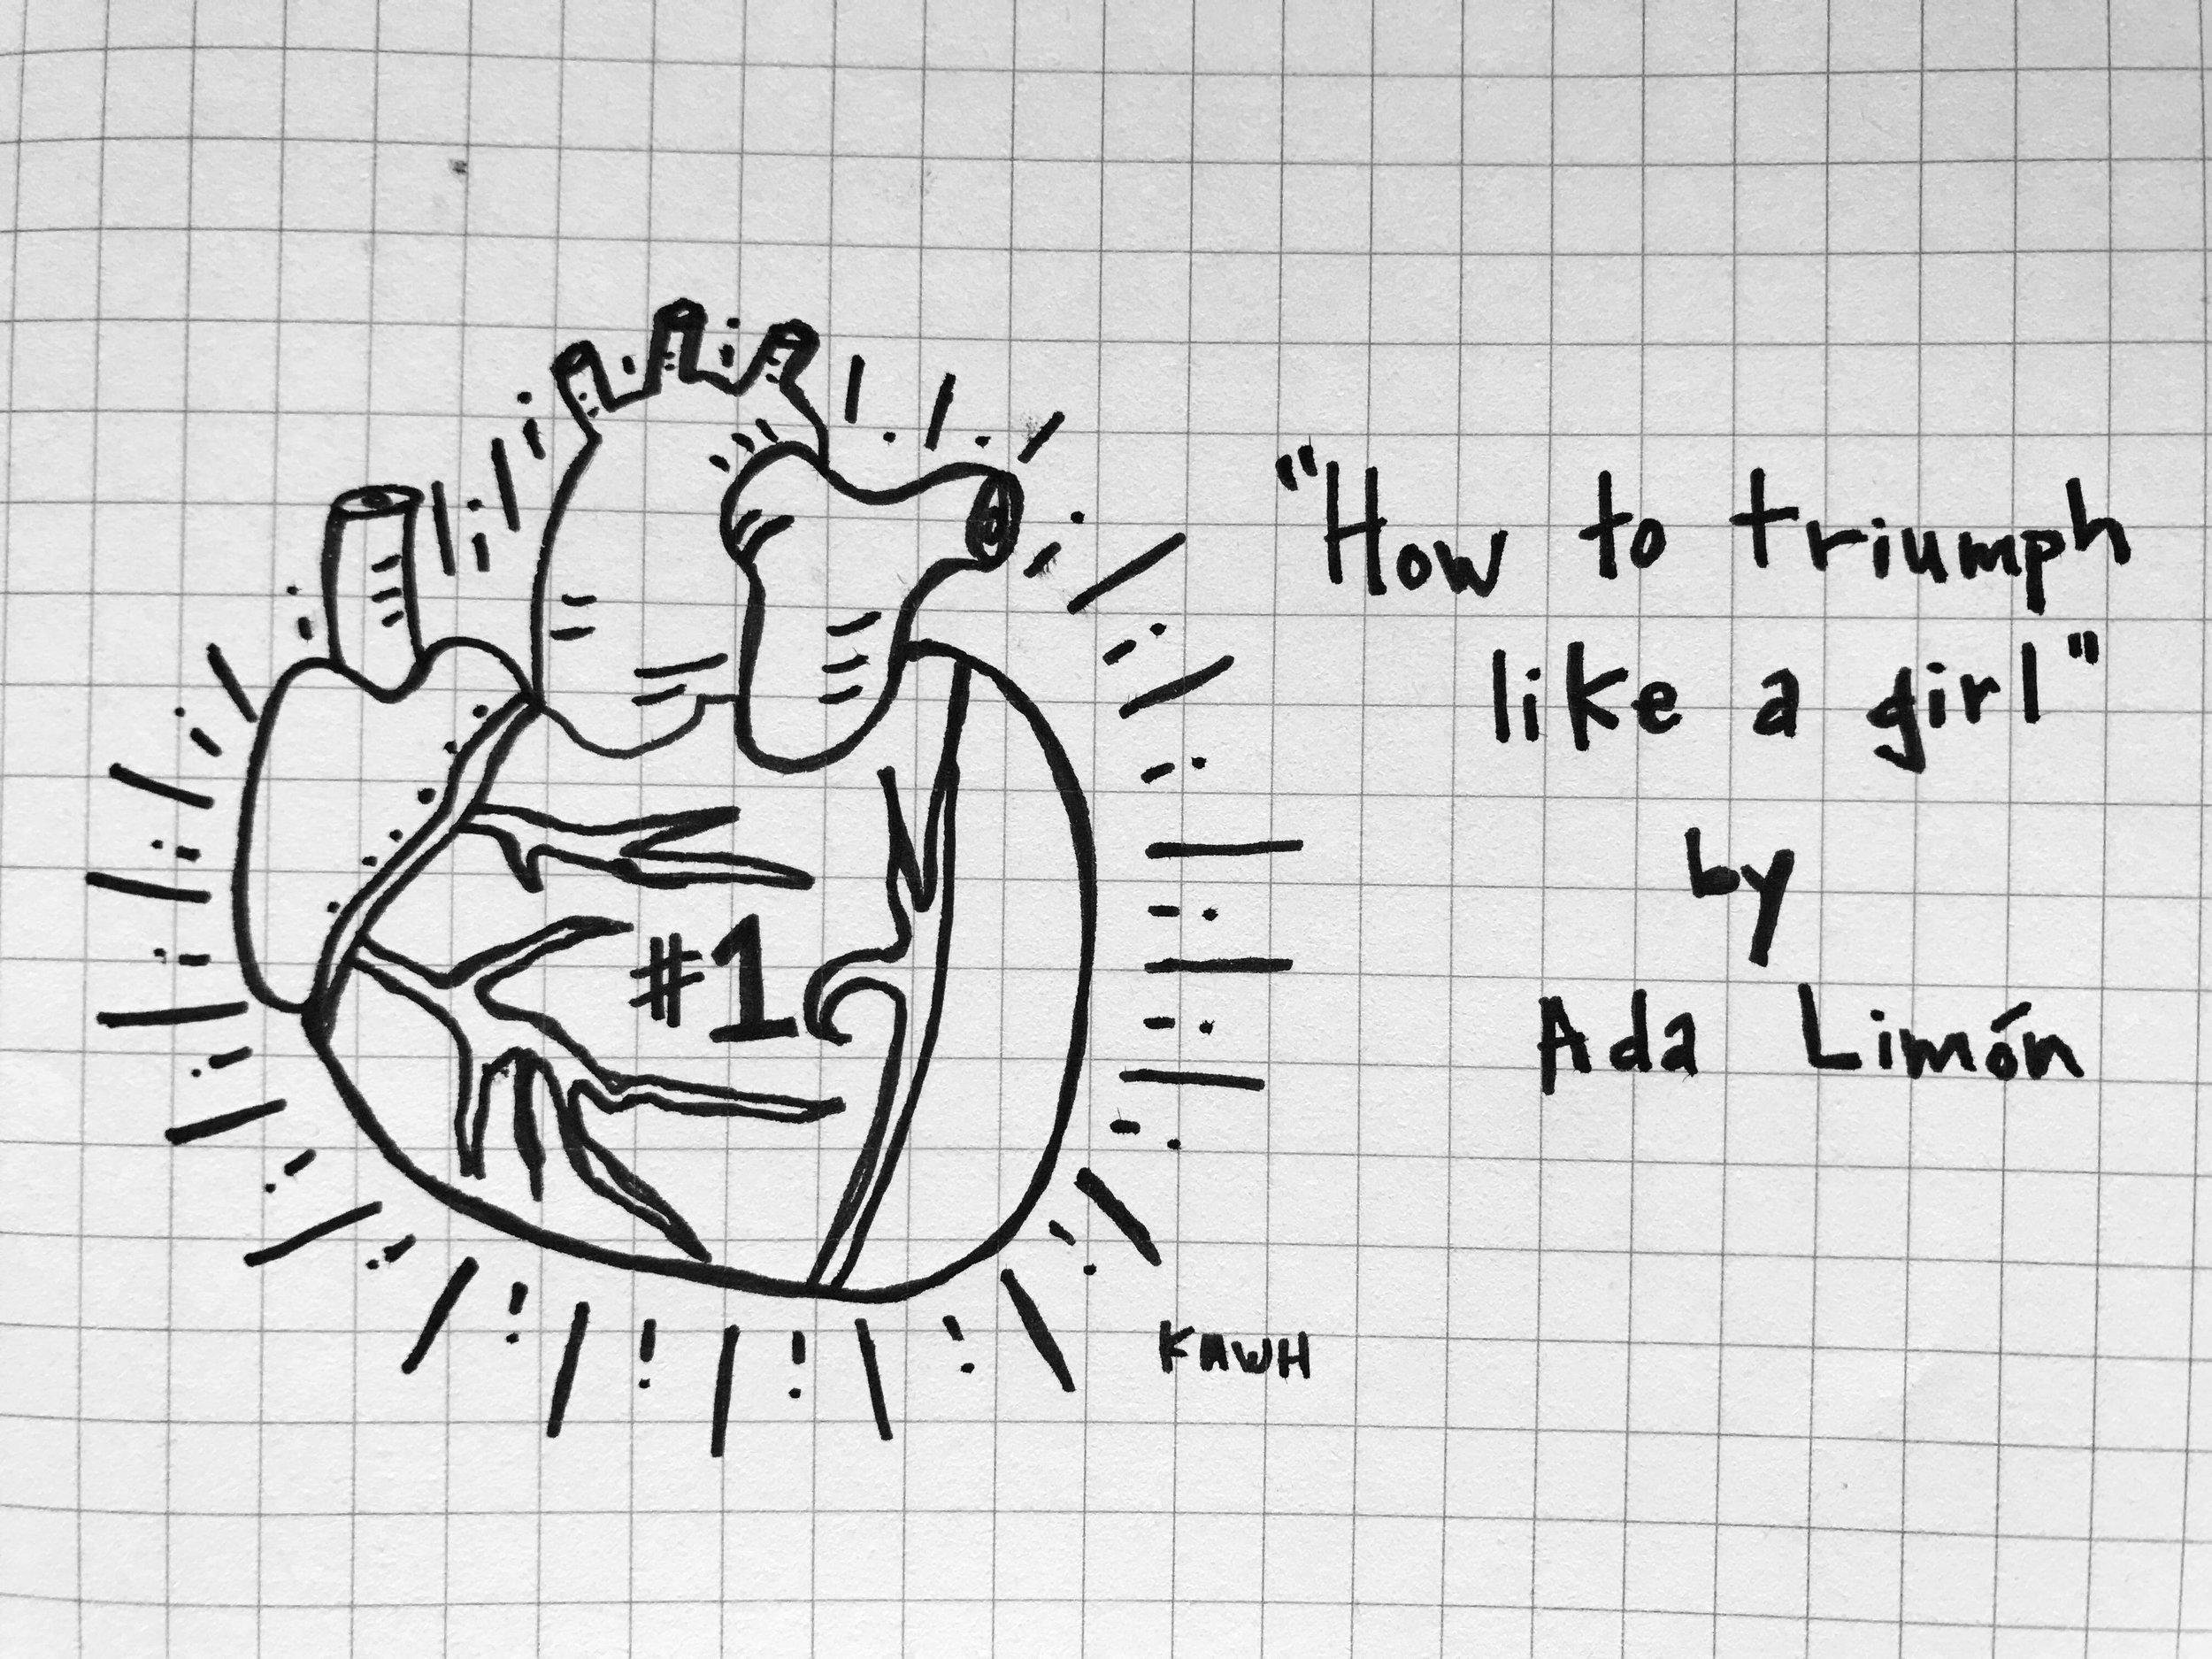 how to triumph - heart.jpg